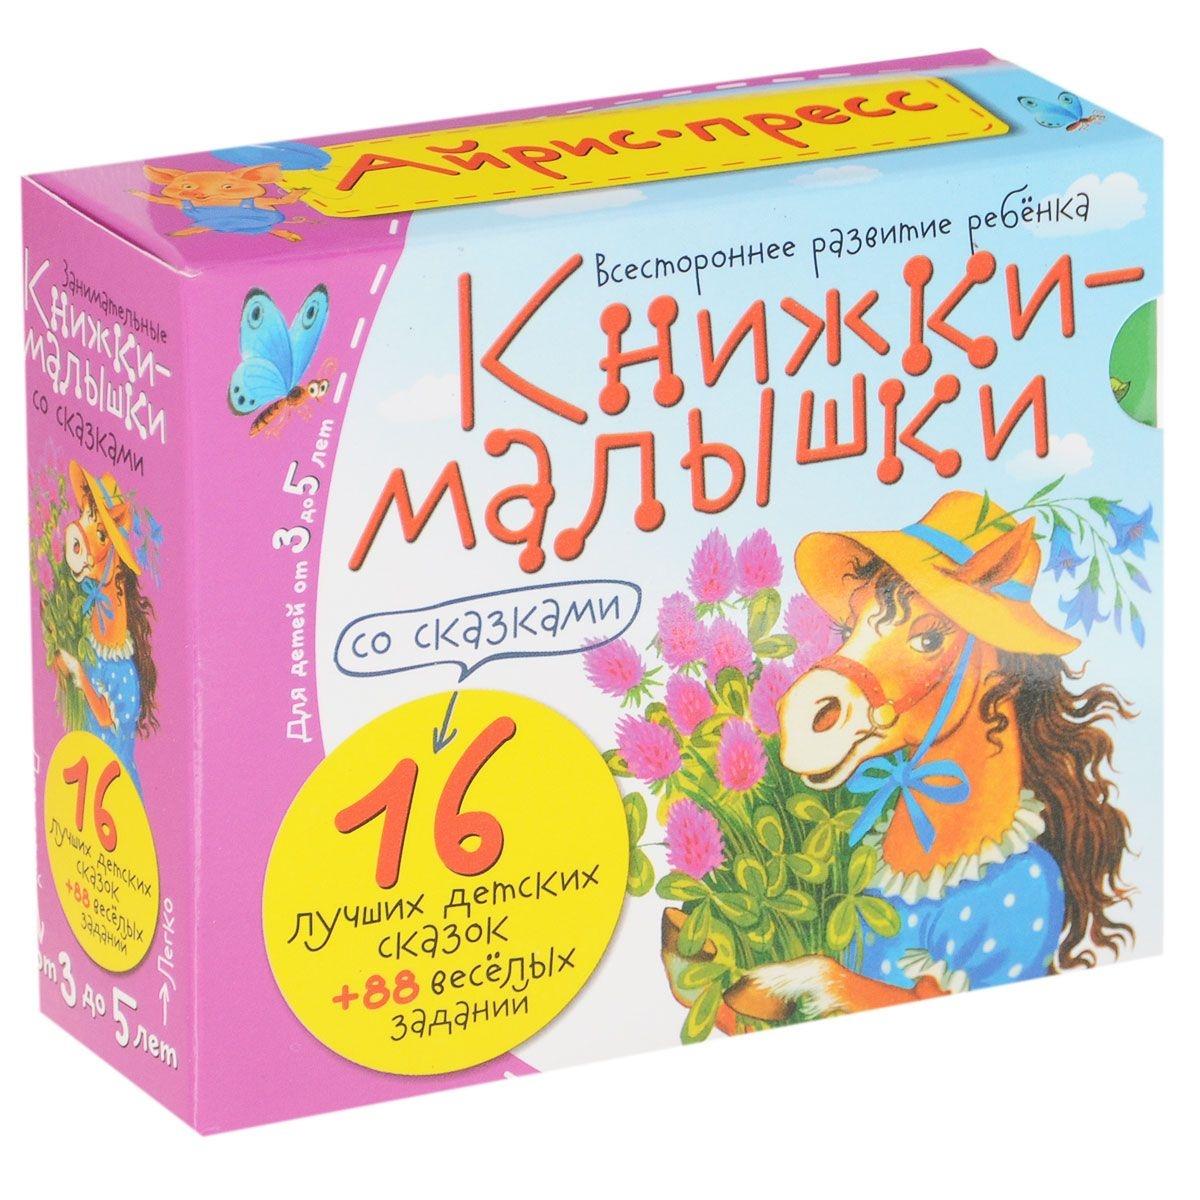 Книжки-малышки со сказками, 16 книжек в коробкеКнижки-малышки<br>Книжки-малышки со сказками, 16 книжек в коробке<br>